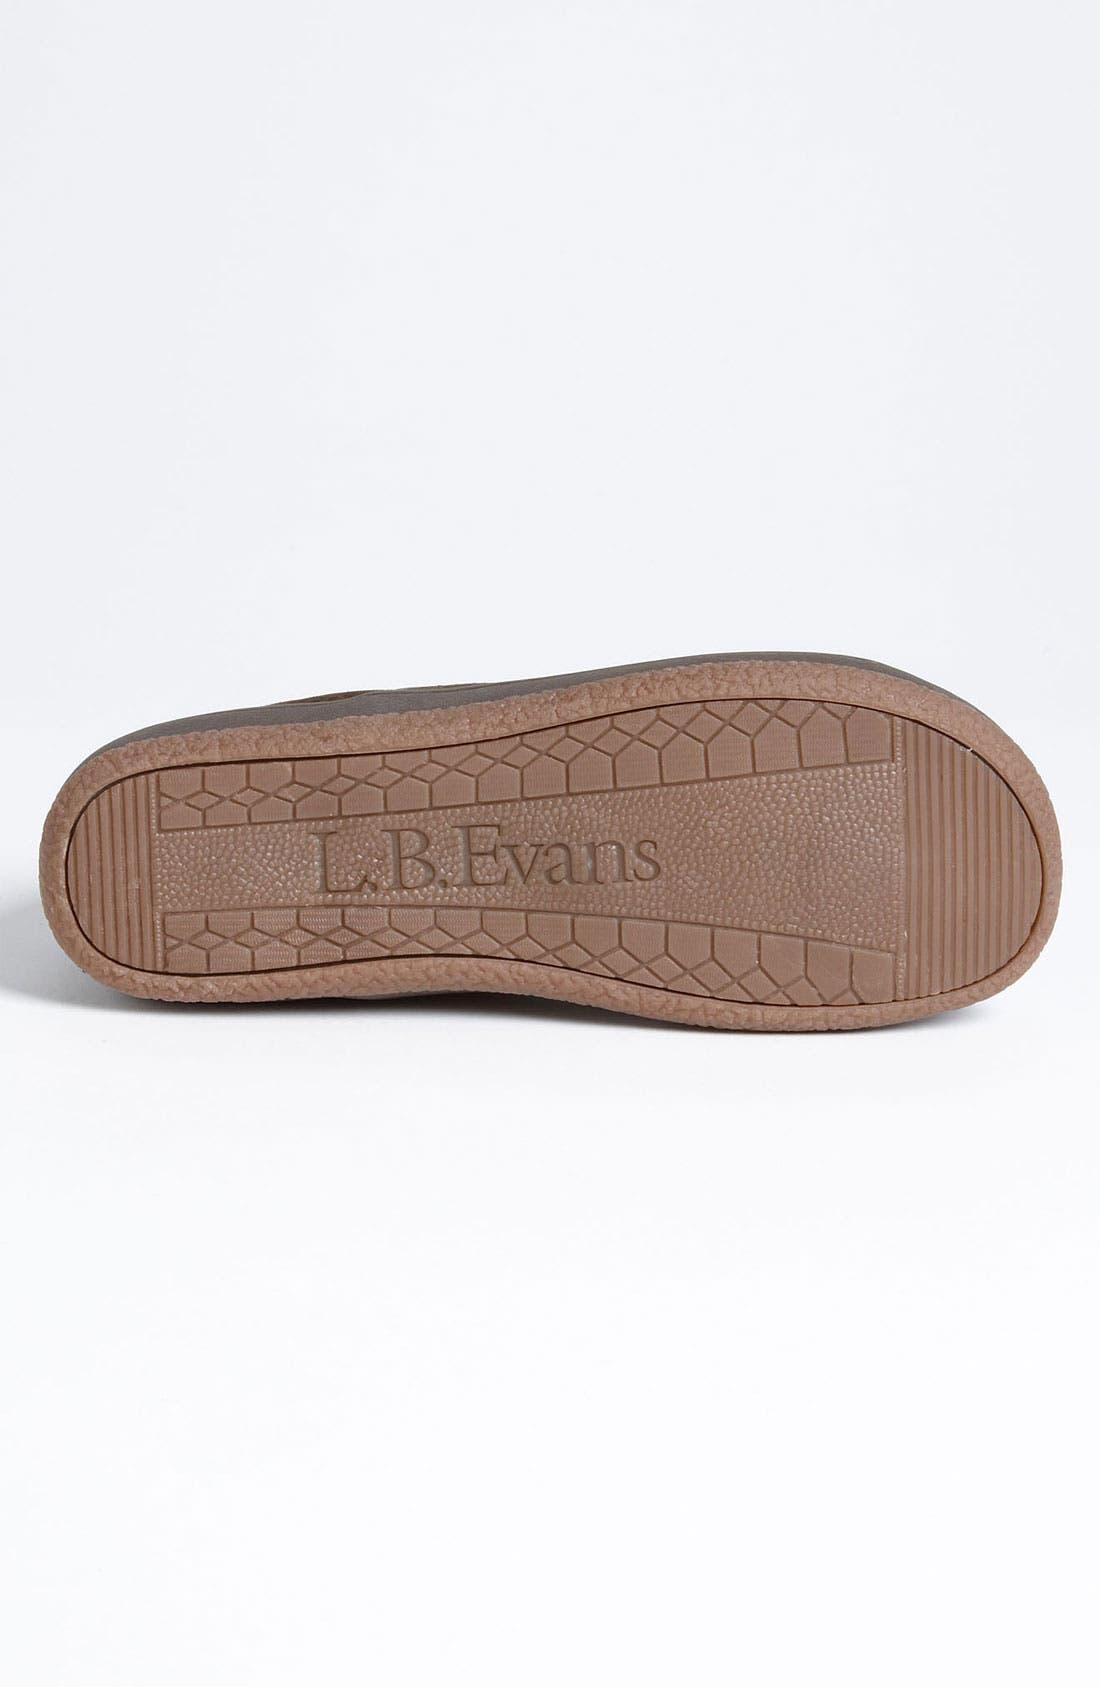 Alternate Image 4  - L.B. Evans 'Reese' Slipper